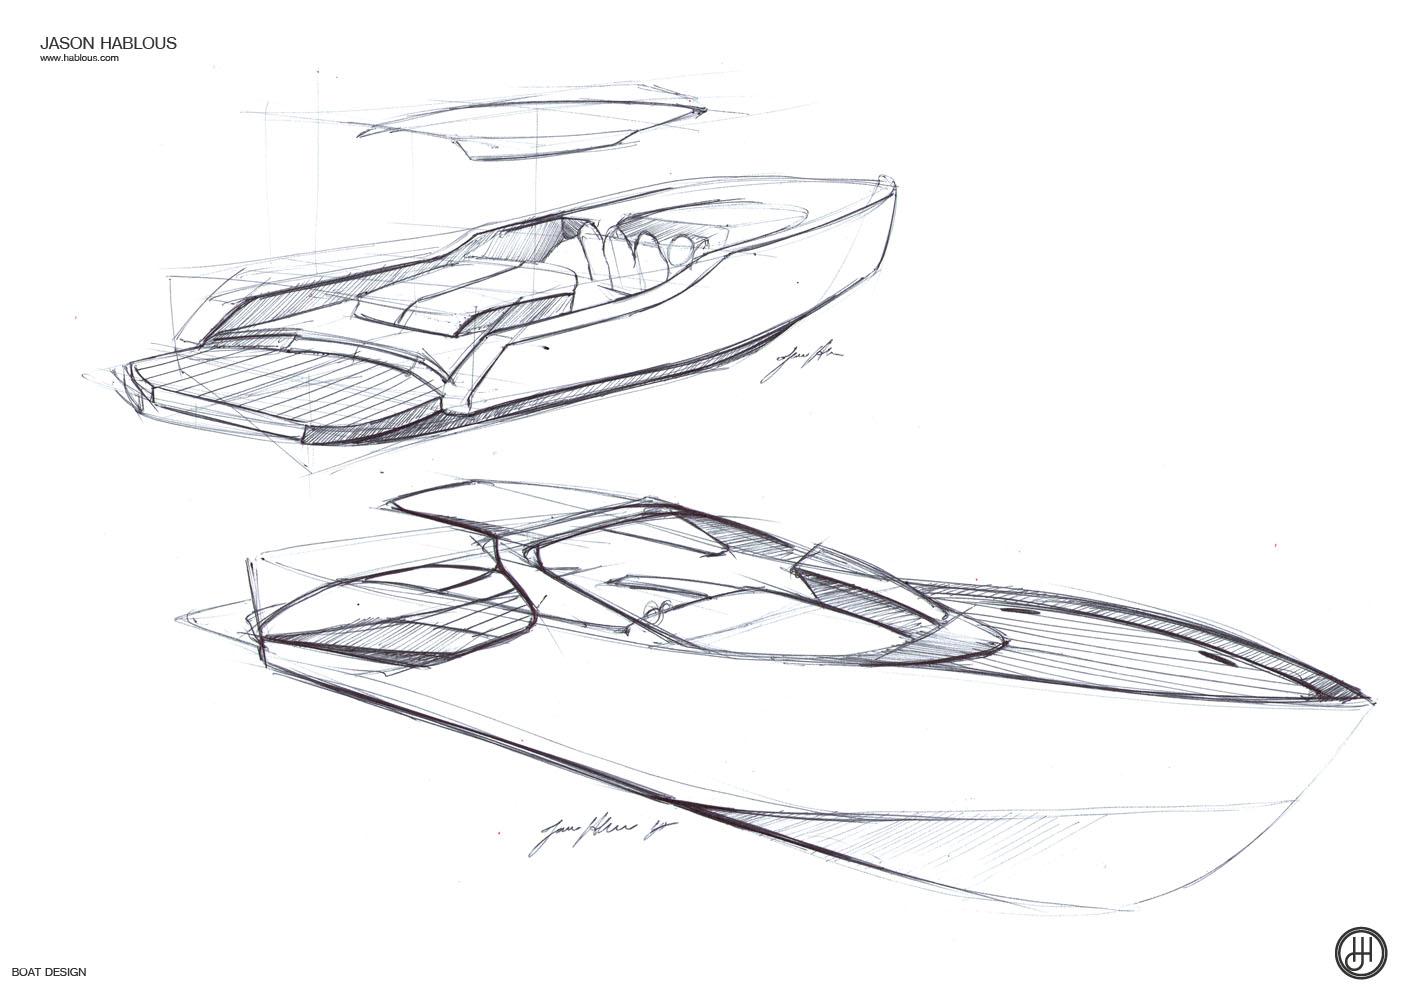 Jason Hablous Design 33ft Weekender Boat Design